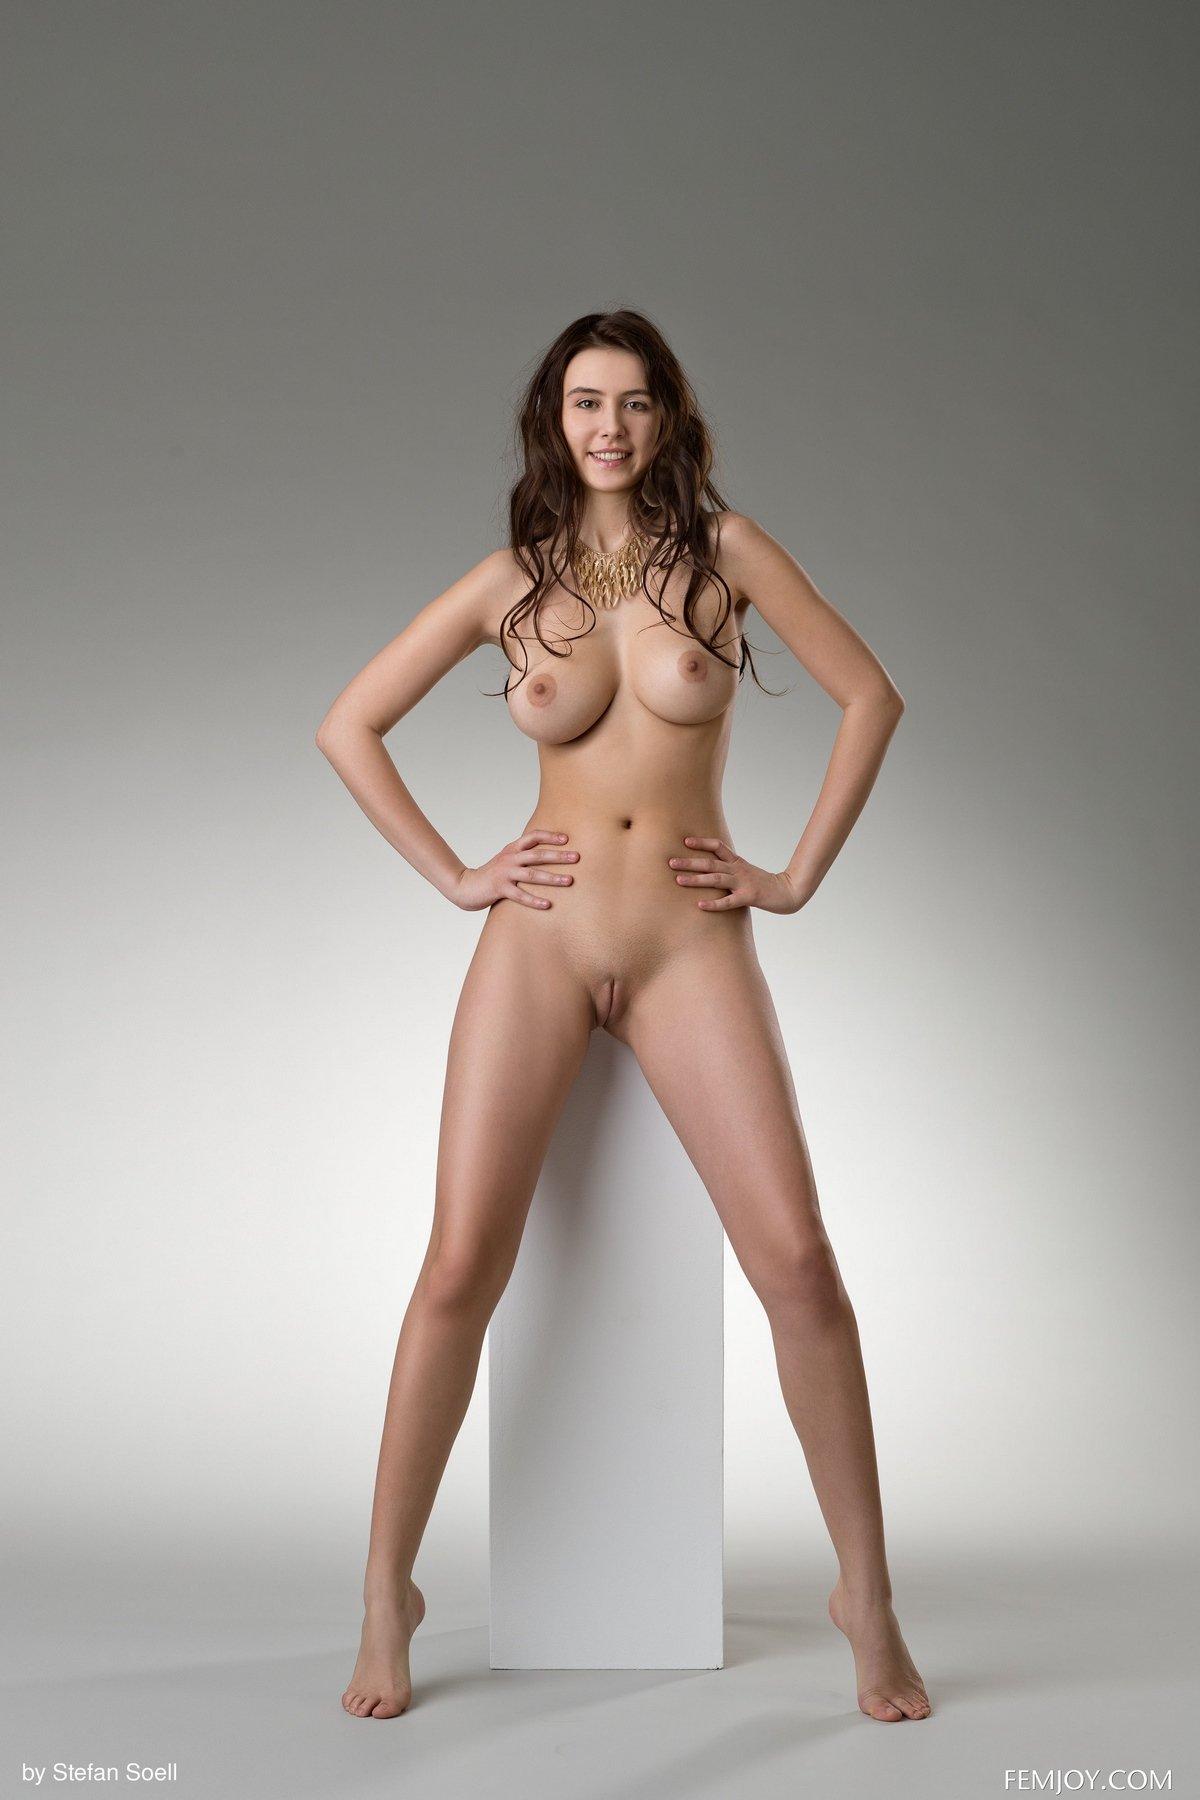 Обнаженная модель показывает идеальное тело в студии Femjoy